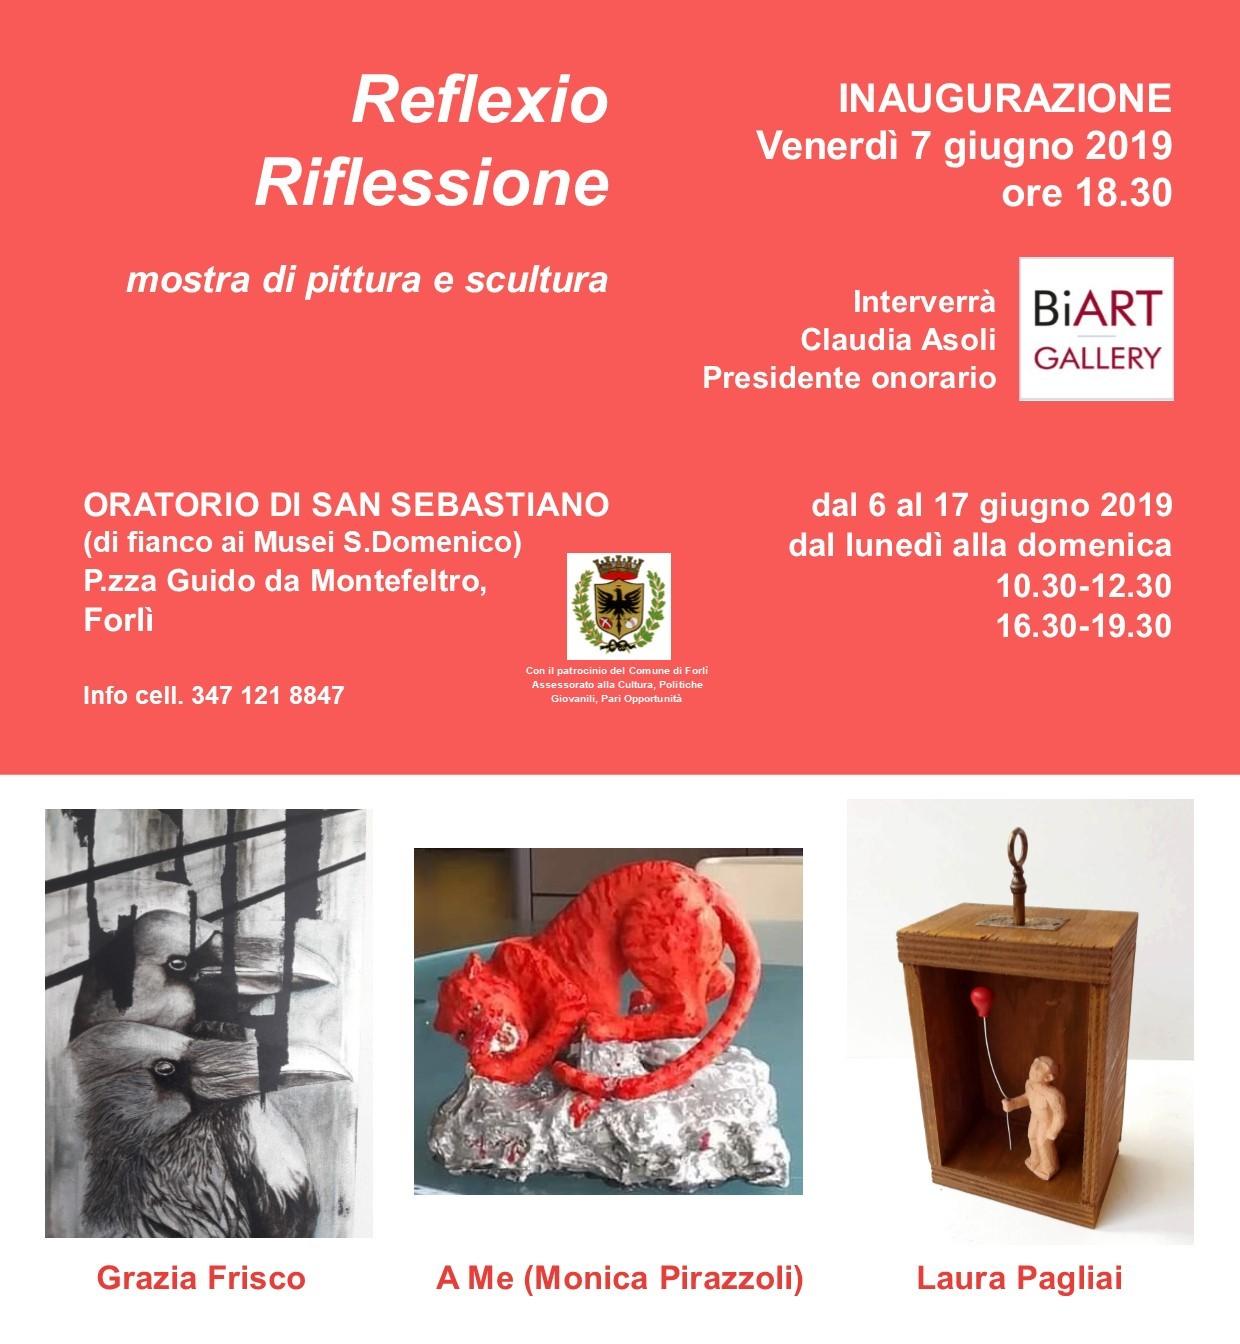 REFLEXIO   GRAZIA FRISCO, MONICA PIRAZZOLI, LAURA PAGLIAI ...